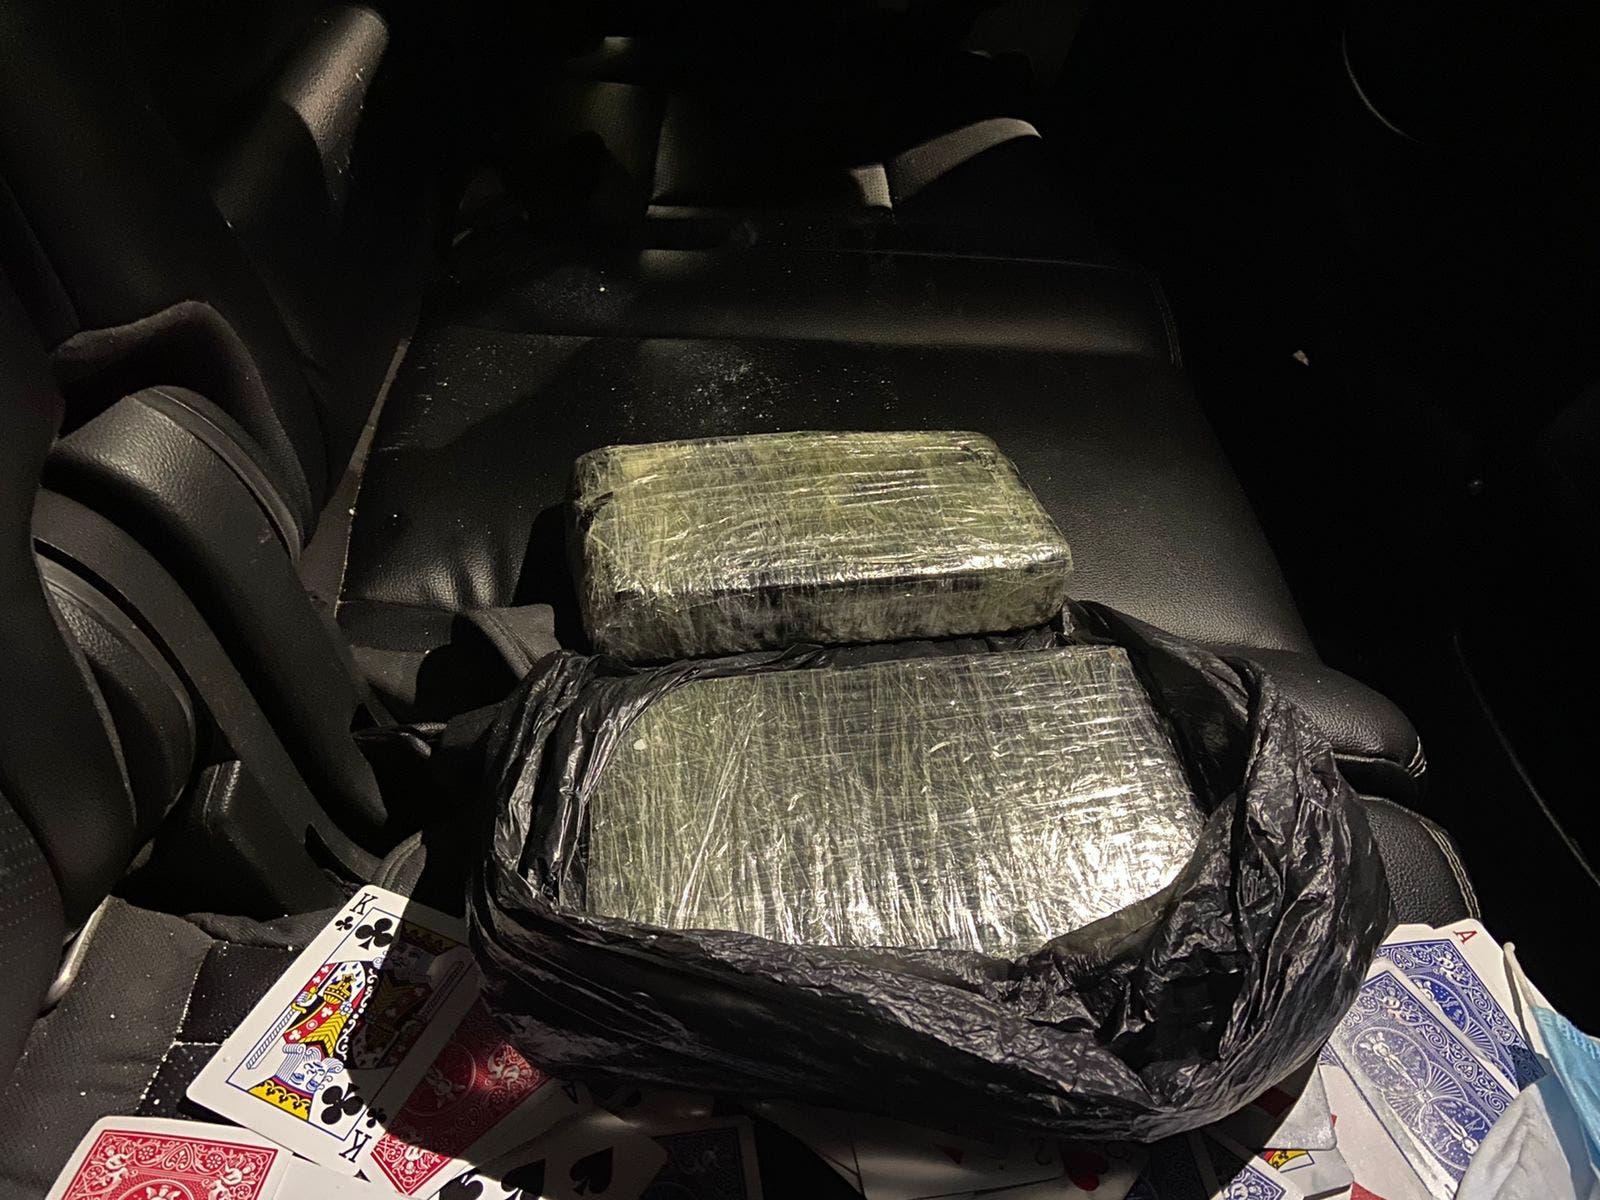 Ocupan dos kilos de cocaína en yipeta abandonada por hombre tras persecución